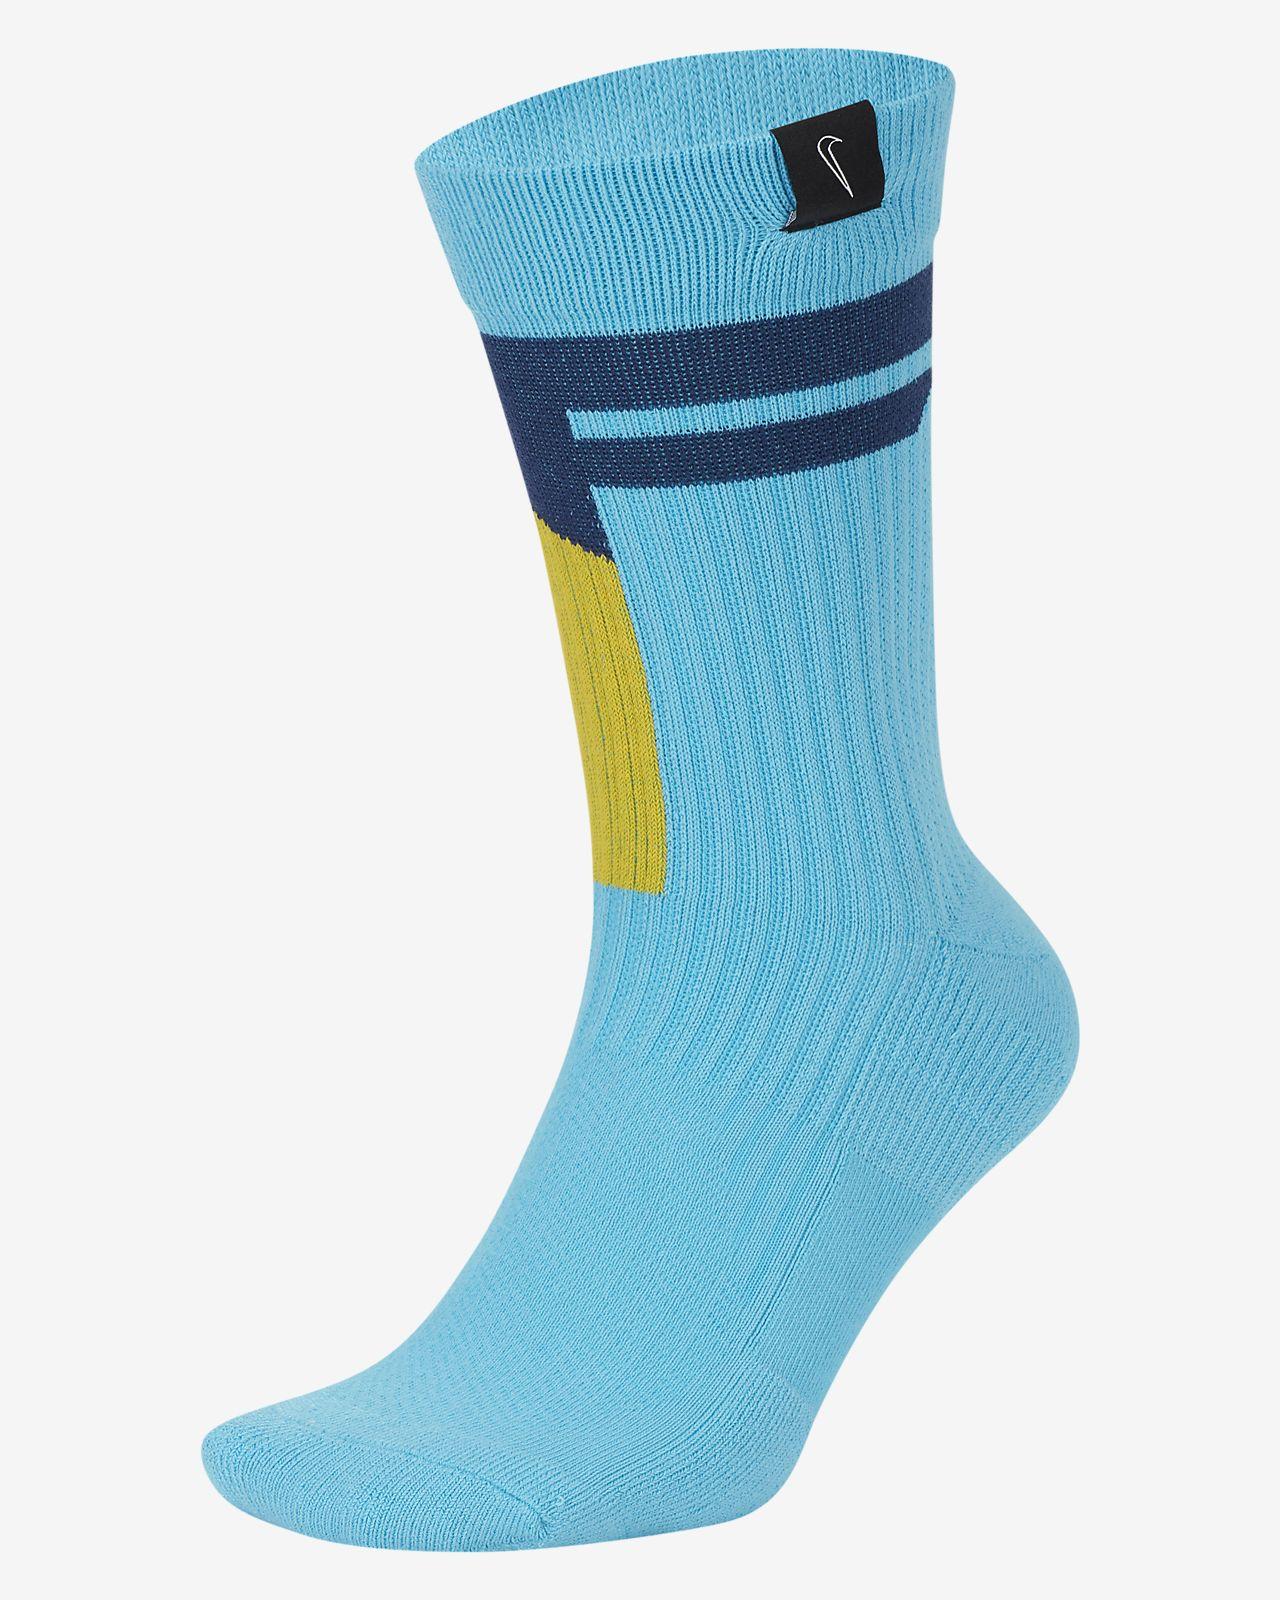 Nike SNEAKR SOX Basketball Crew Socks